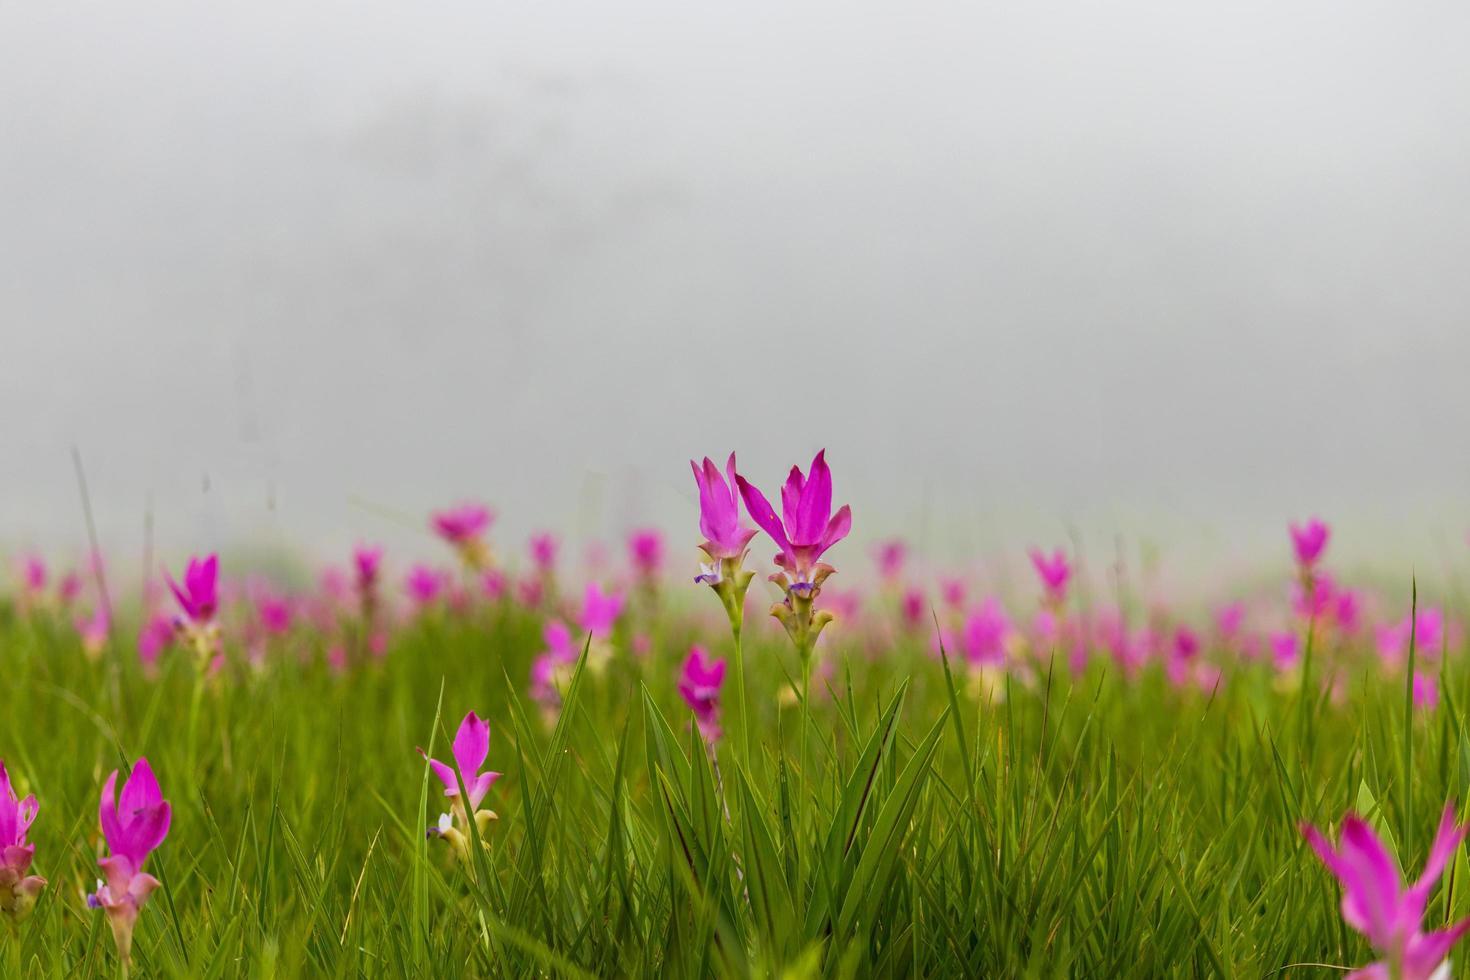 tulipani rosa siam in fiore in un campo foto